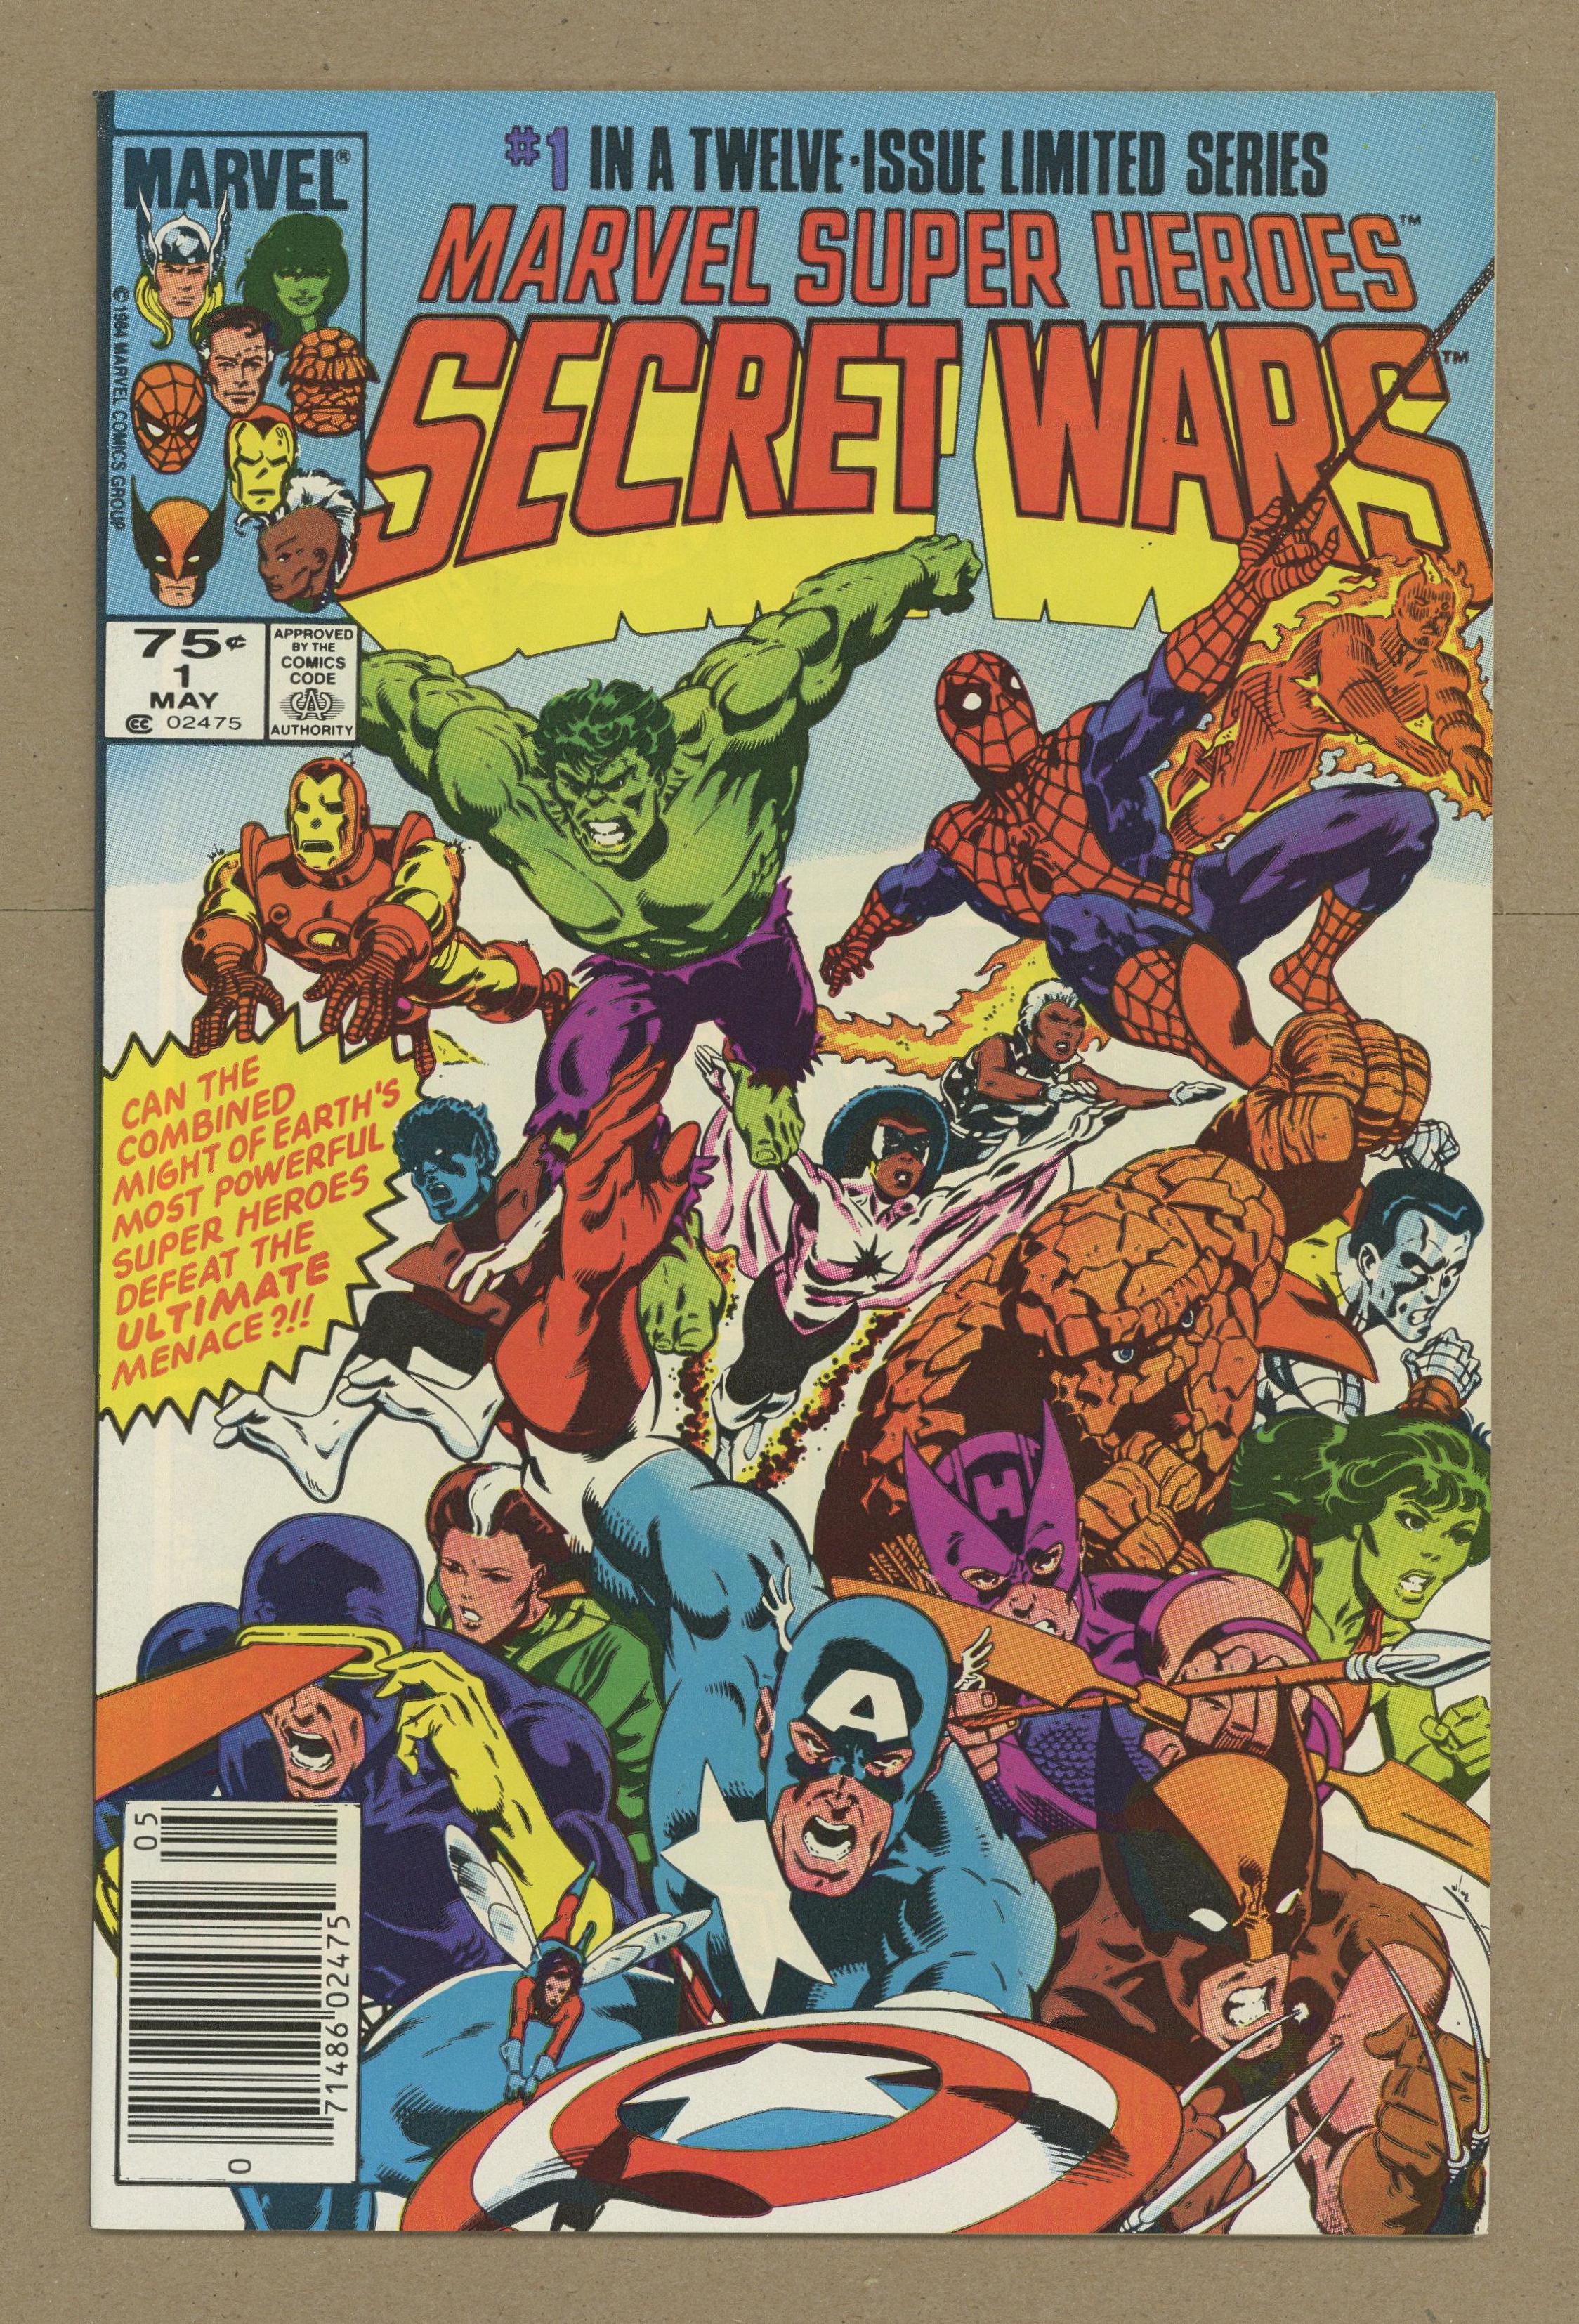 Details about Marvel Super Heroes Secret Wars #1 1984 VF+ 8 5